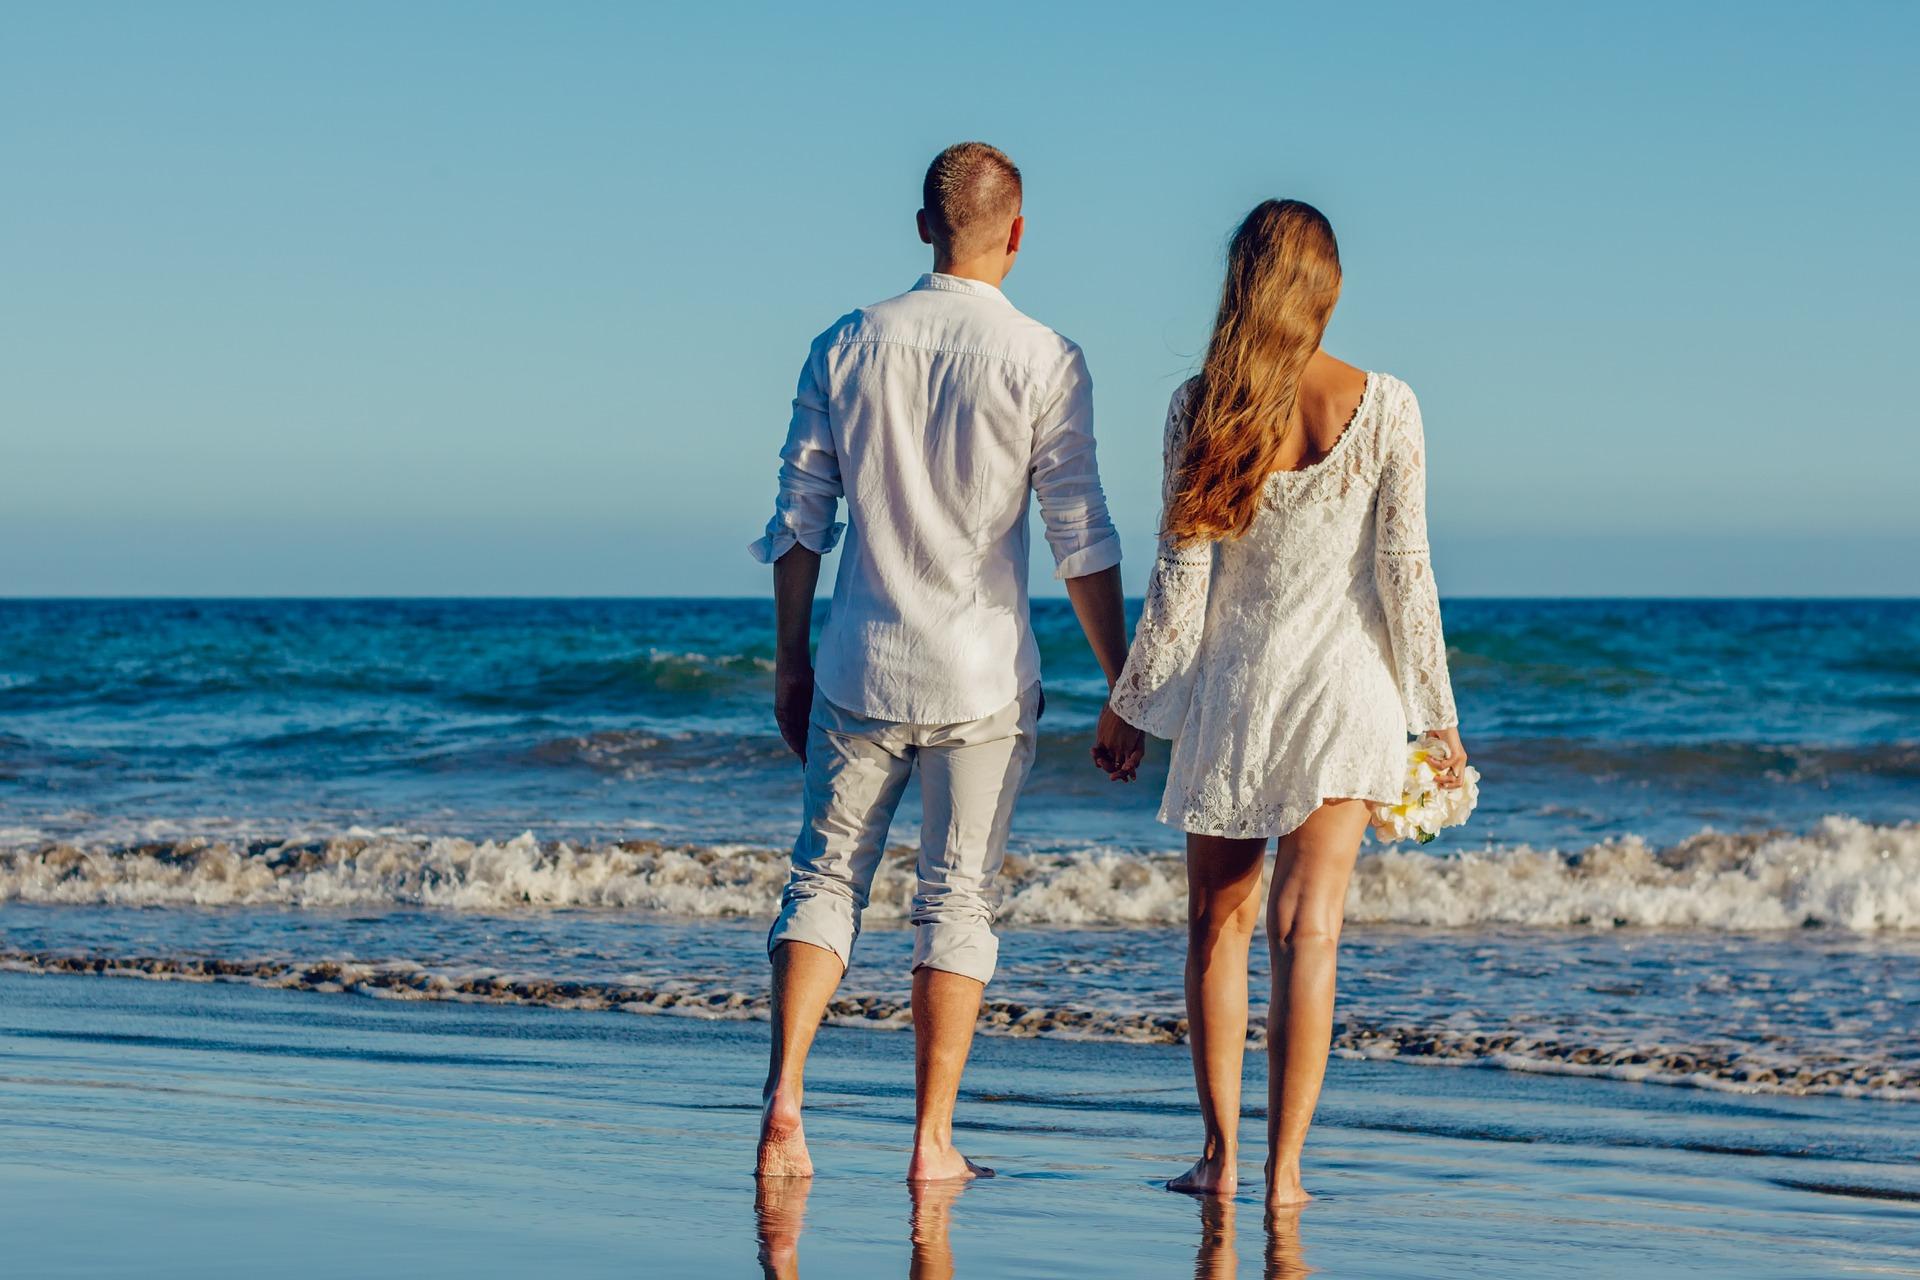 Gran Canaria Spanien Urlaub ab 162,00€ - Kanaren zum Piratenpreis Deal 2019 1